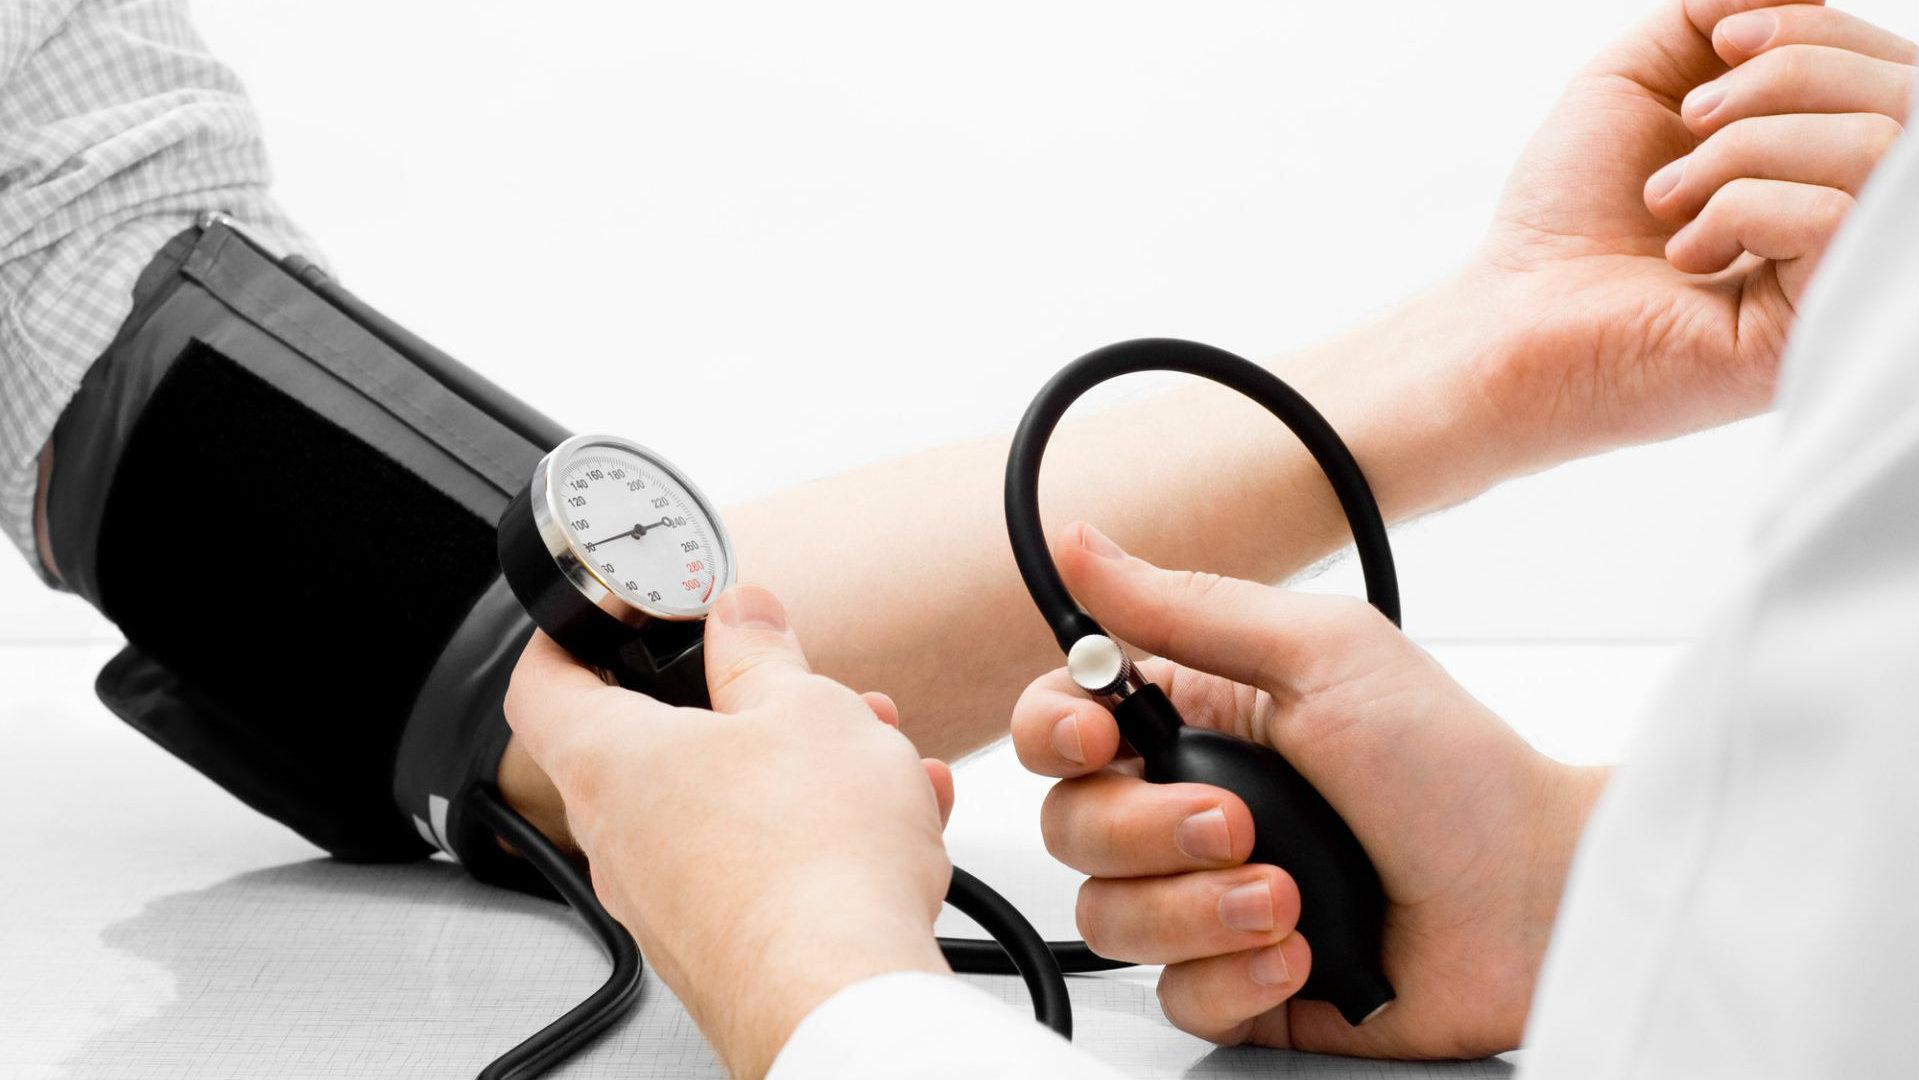 causas da pressão alta